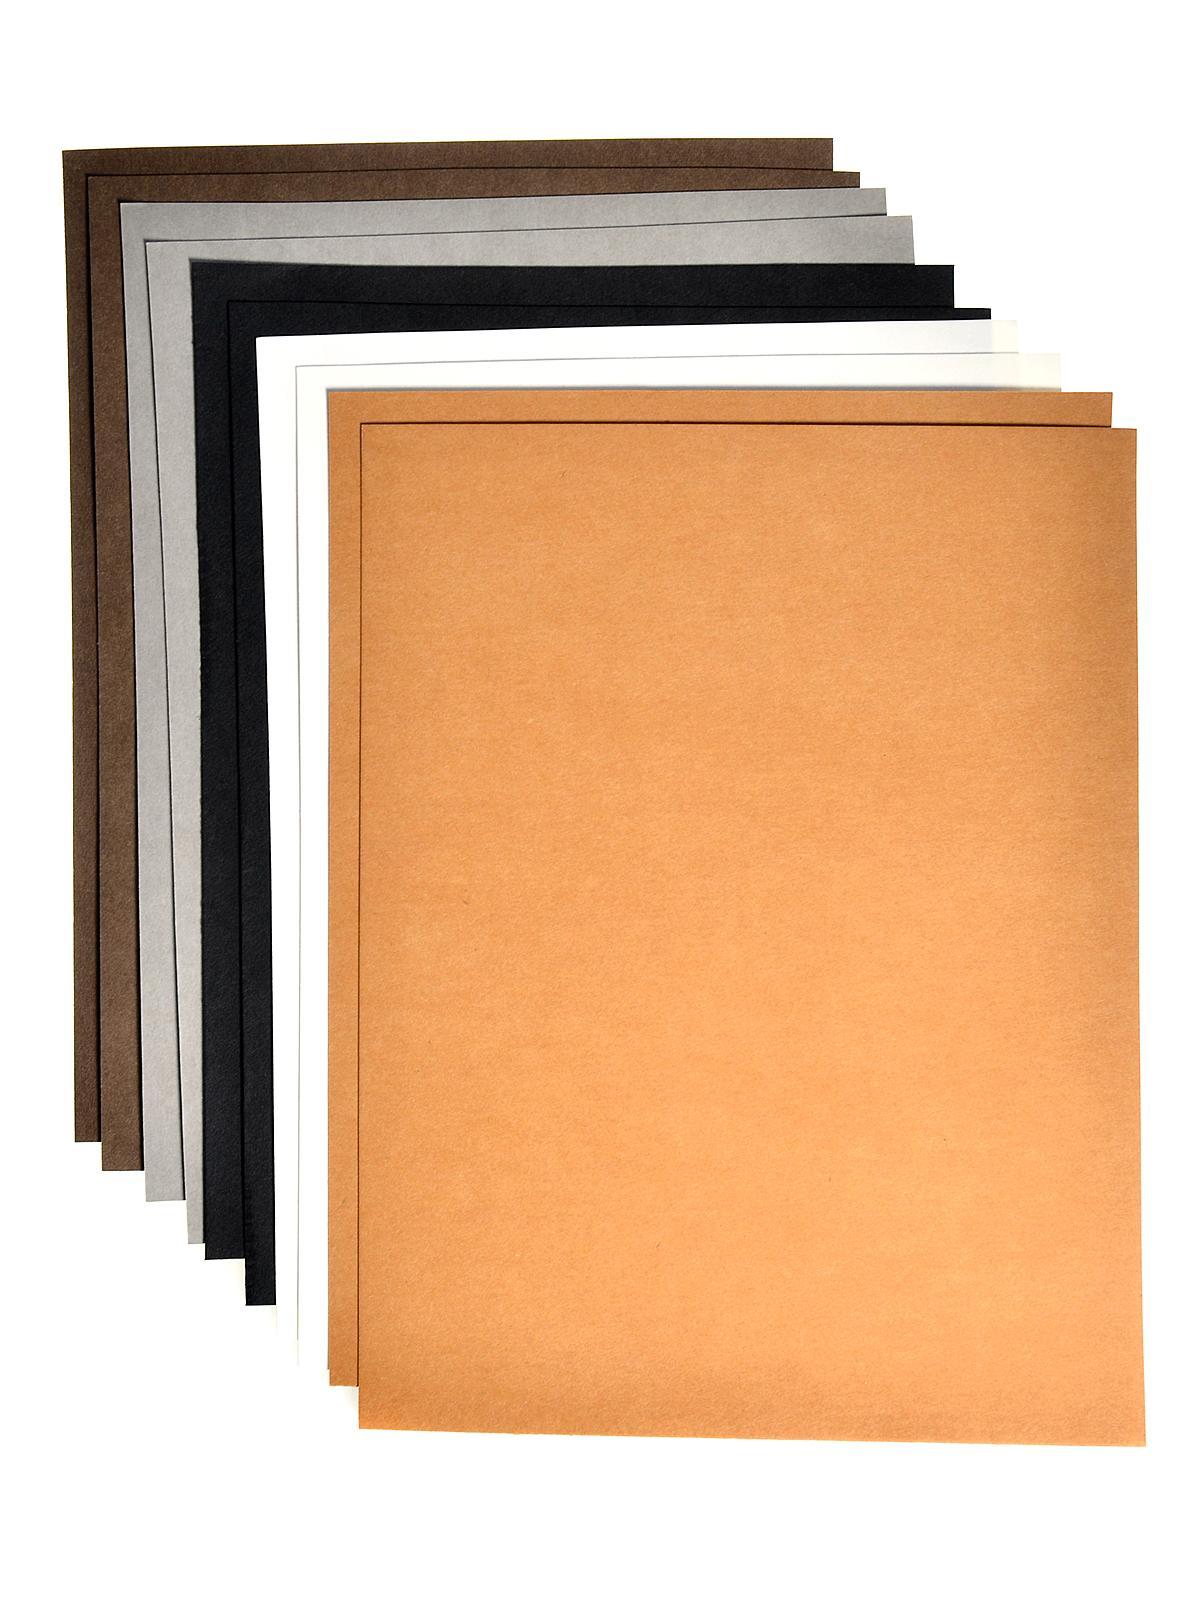 Kraftex 5-color Sampler Pack